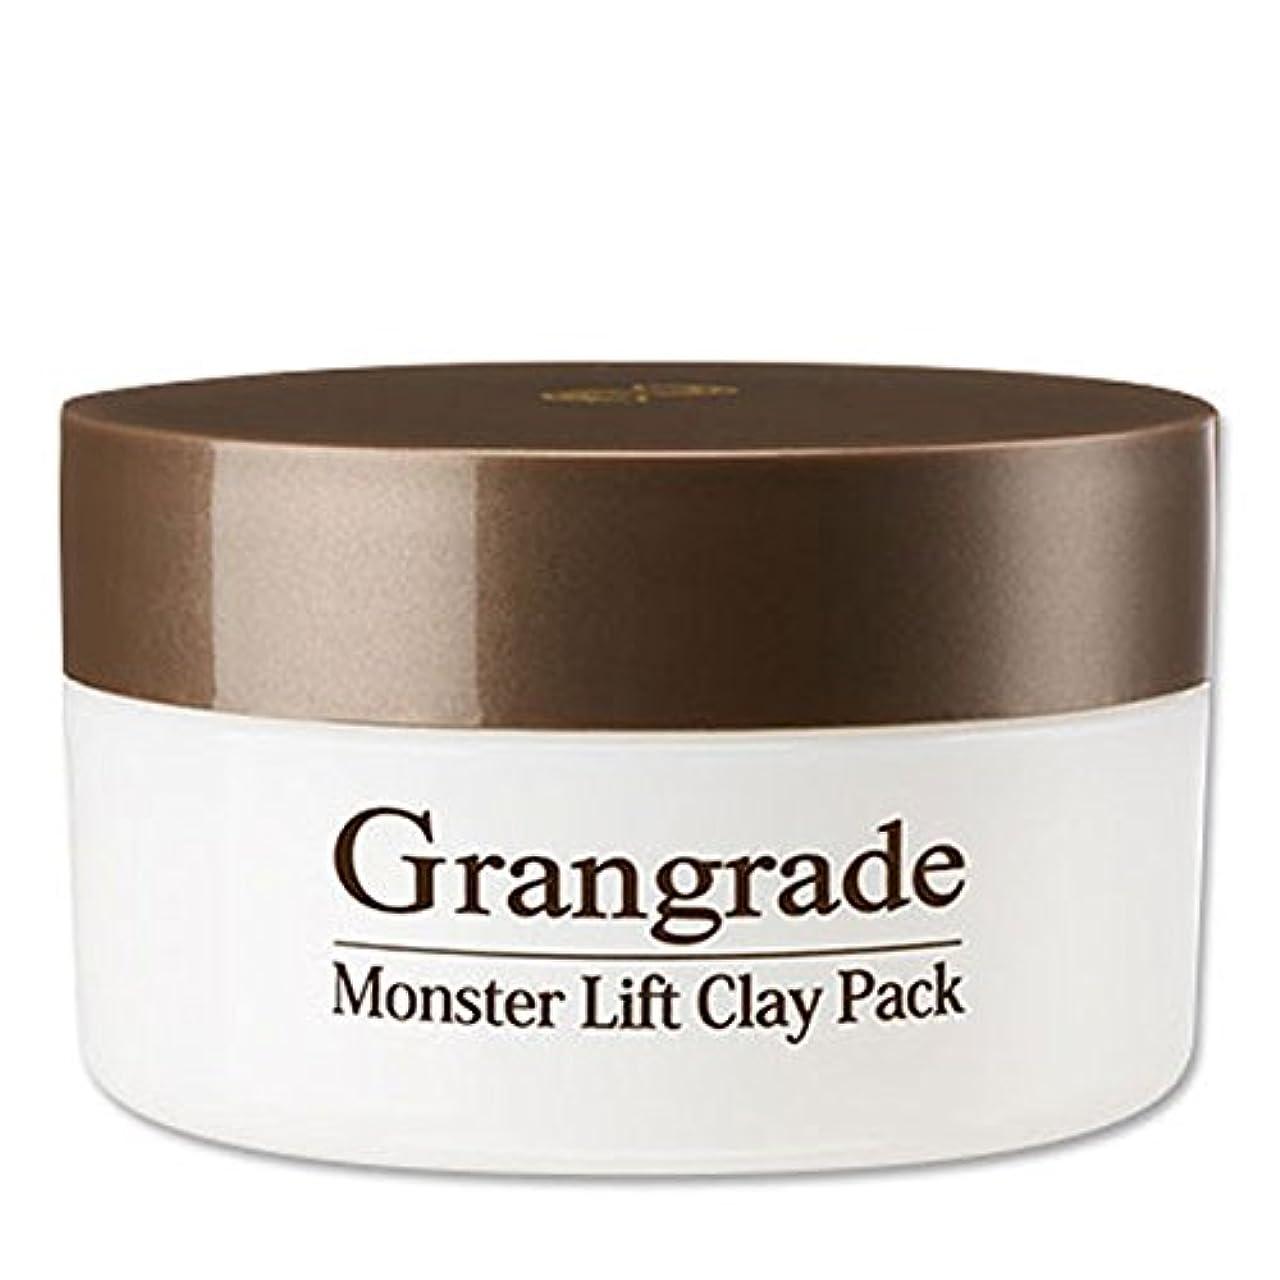 床を掃除する適応堂々たるGrangrade グラングレイ モンスターリフトクレイパック